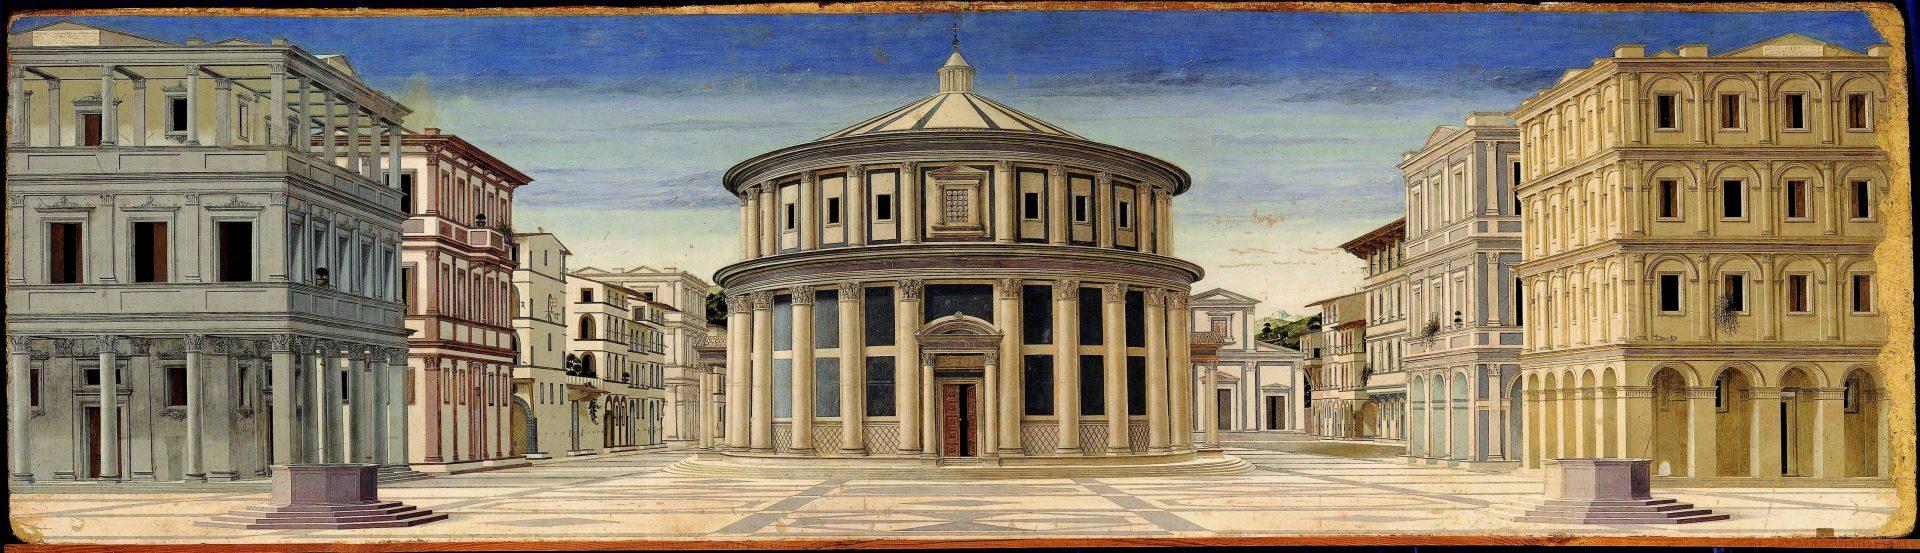 Formerly Piero della Francesca Ideal City Galleria Nazionale delle Marche Urbino